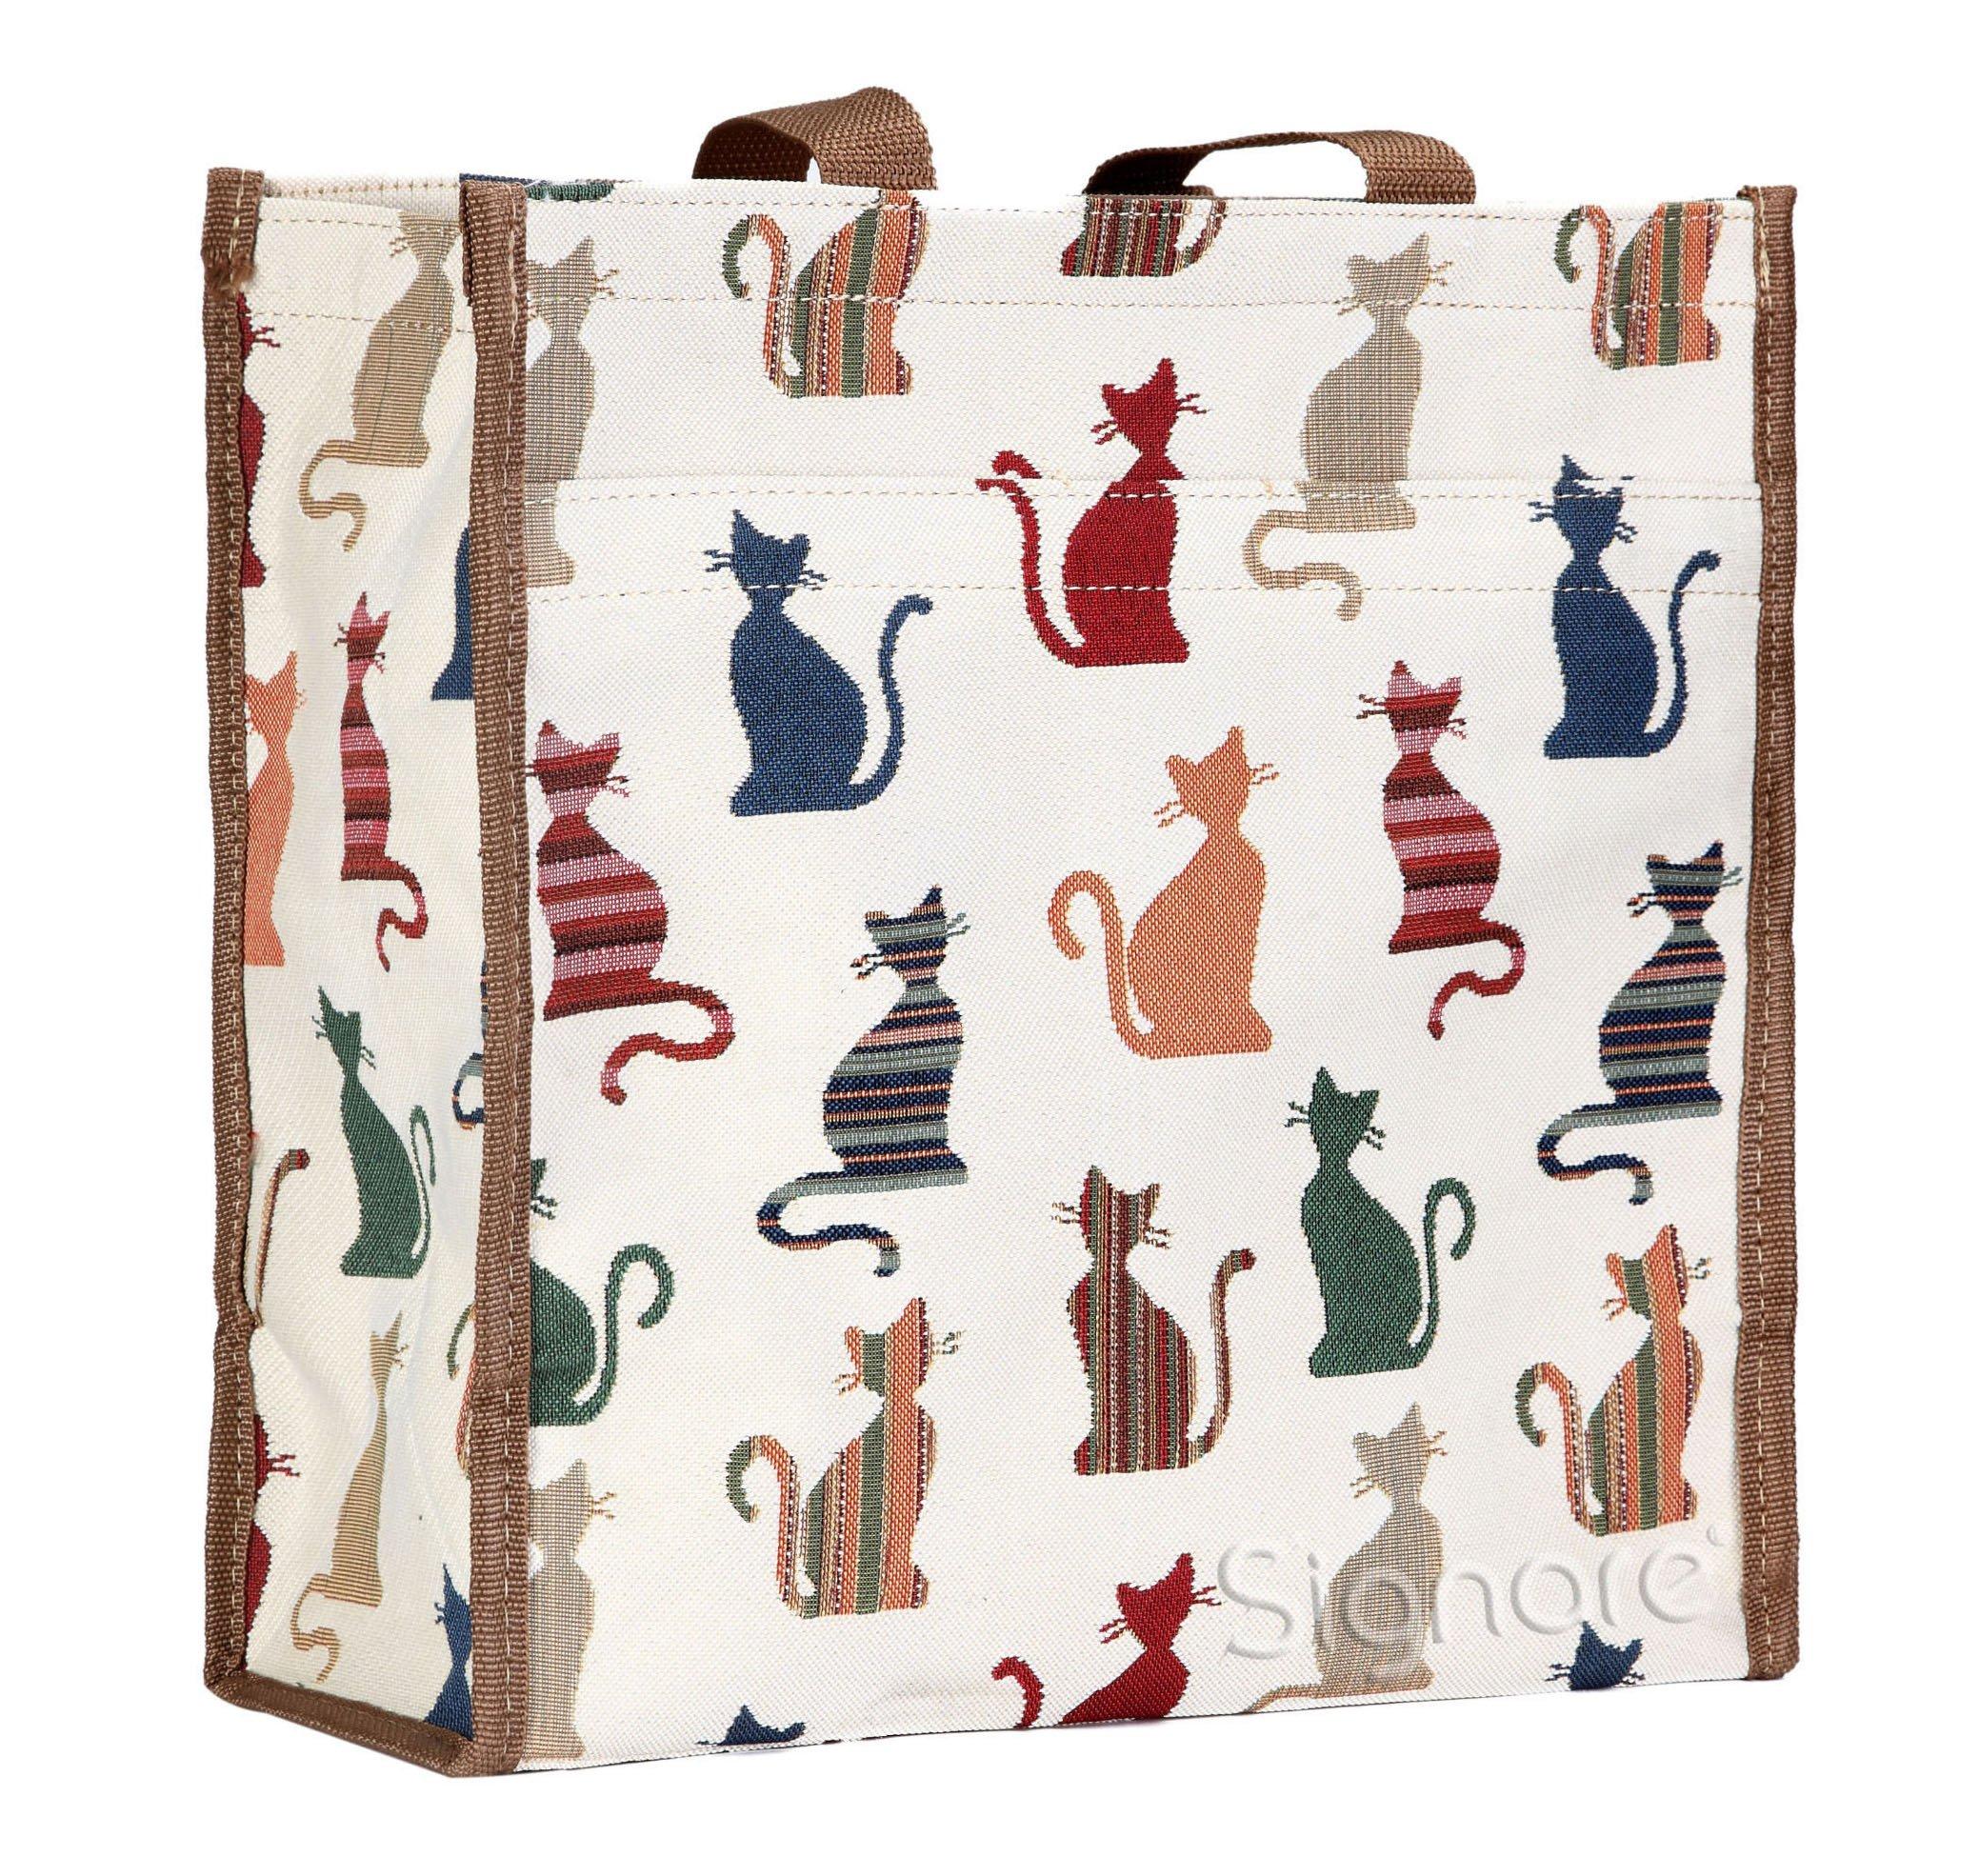 Bolso tapiz Shopper de moda Signare para mujer bolso de hombro animal product image